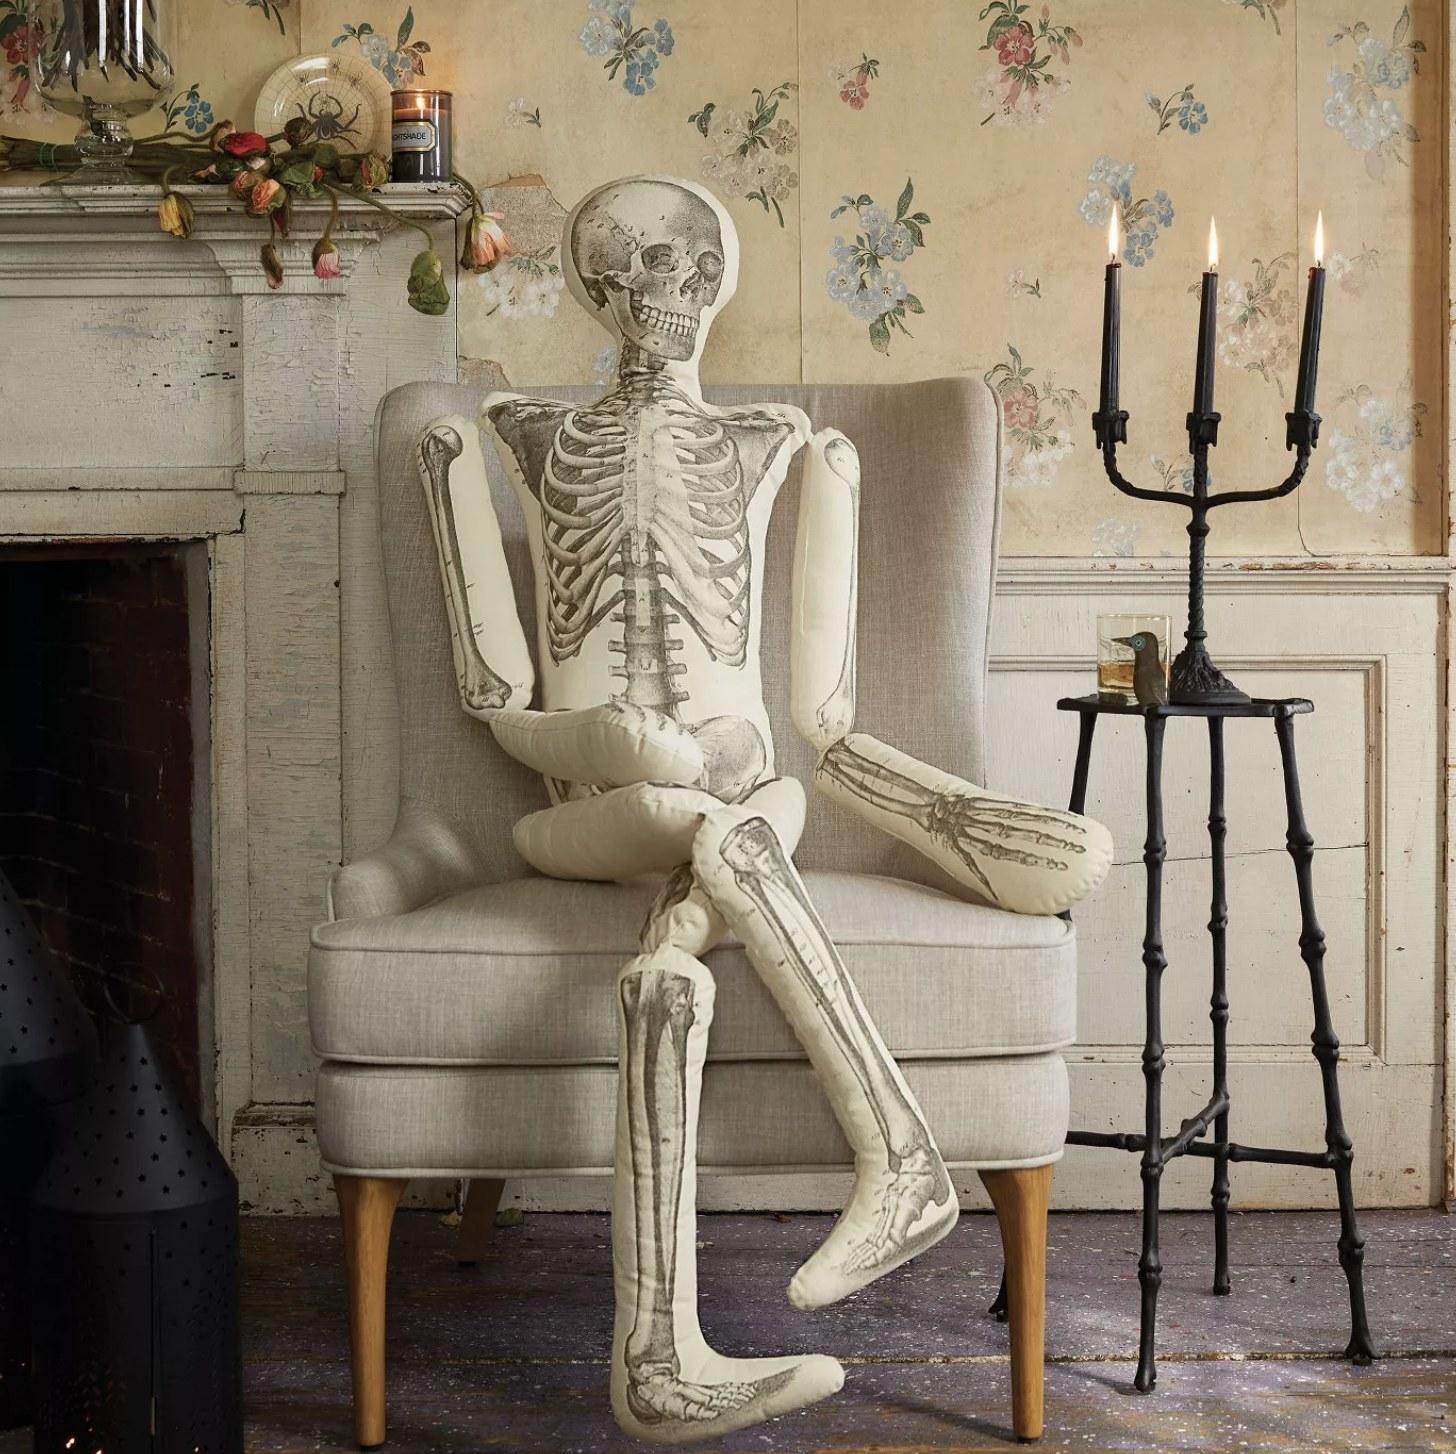 Skeleton throw pillow sits on armchair